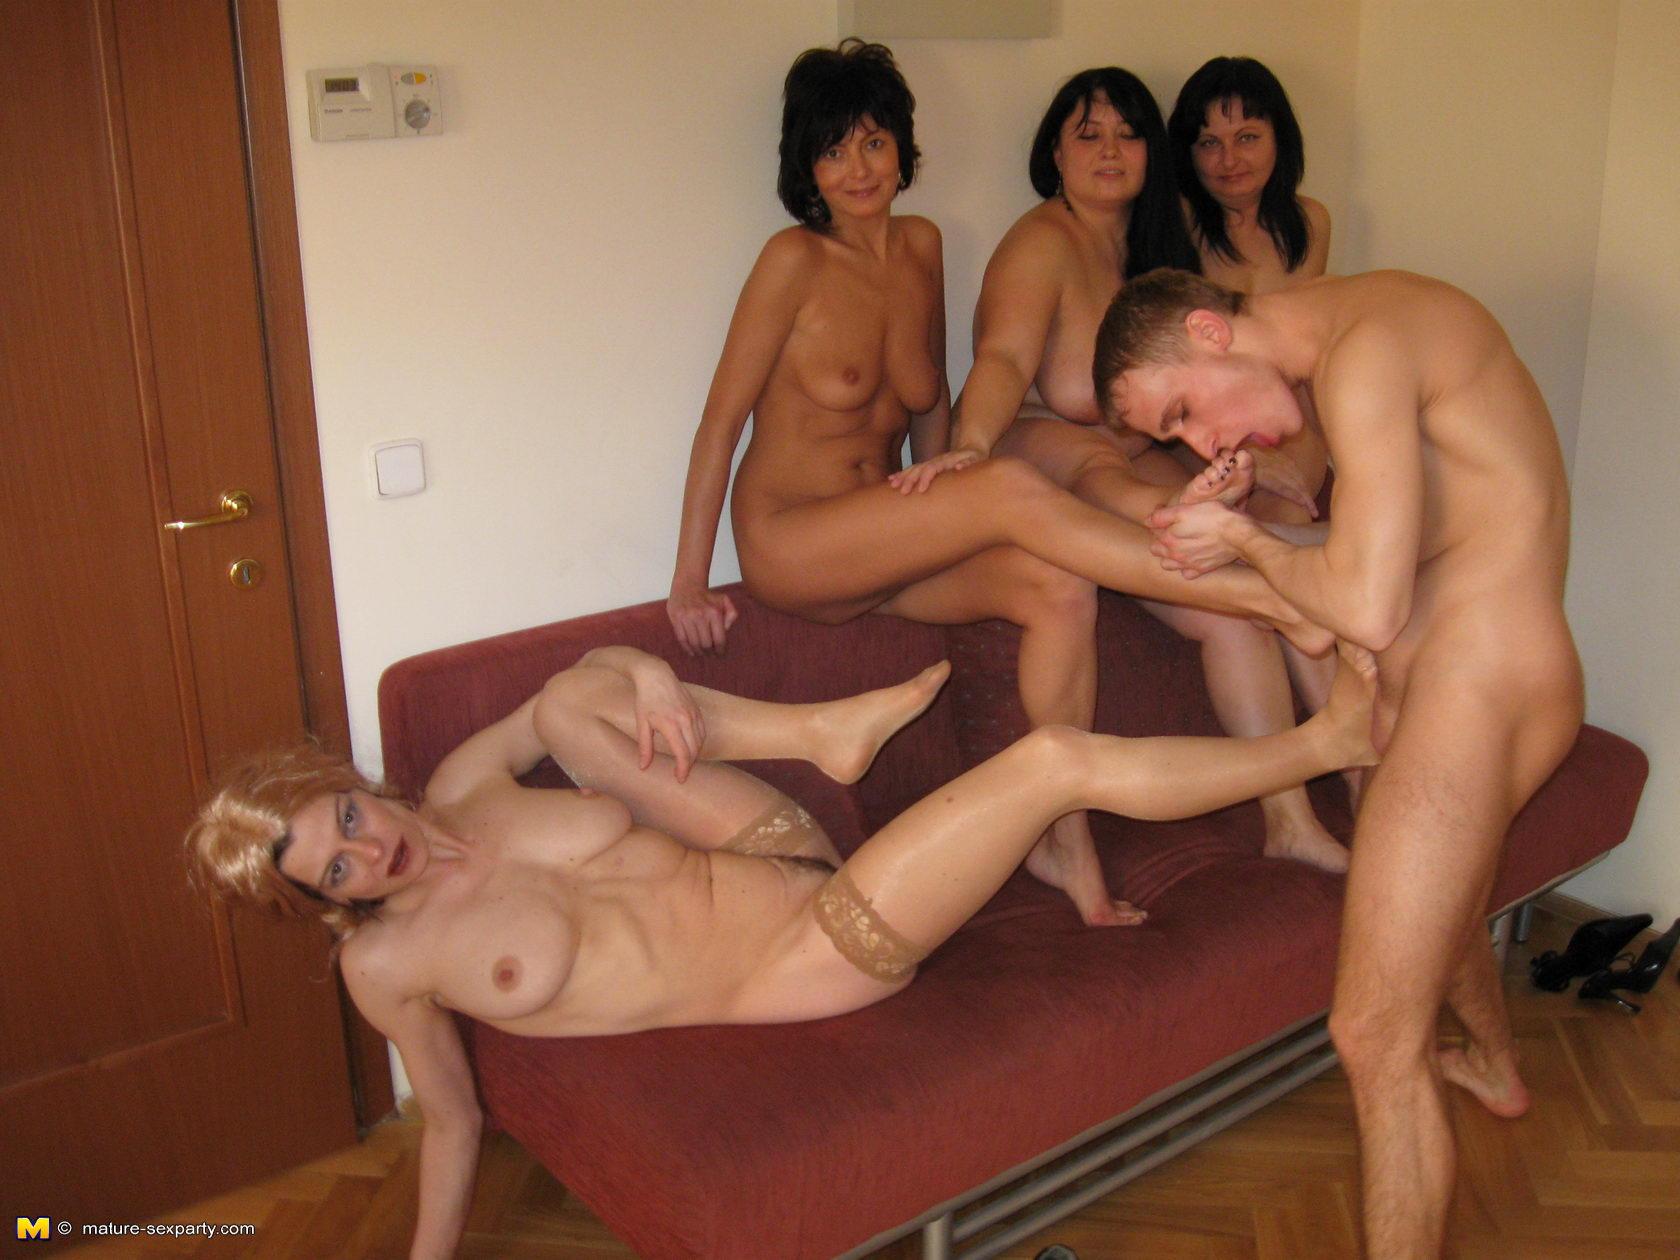 вечеринка зрелых онлайн порно мамочек